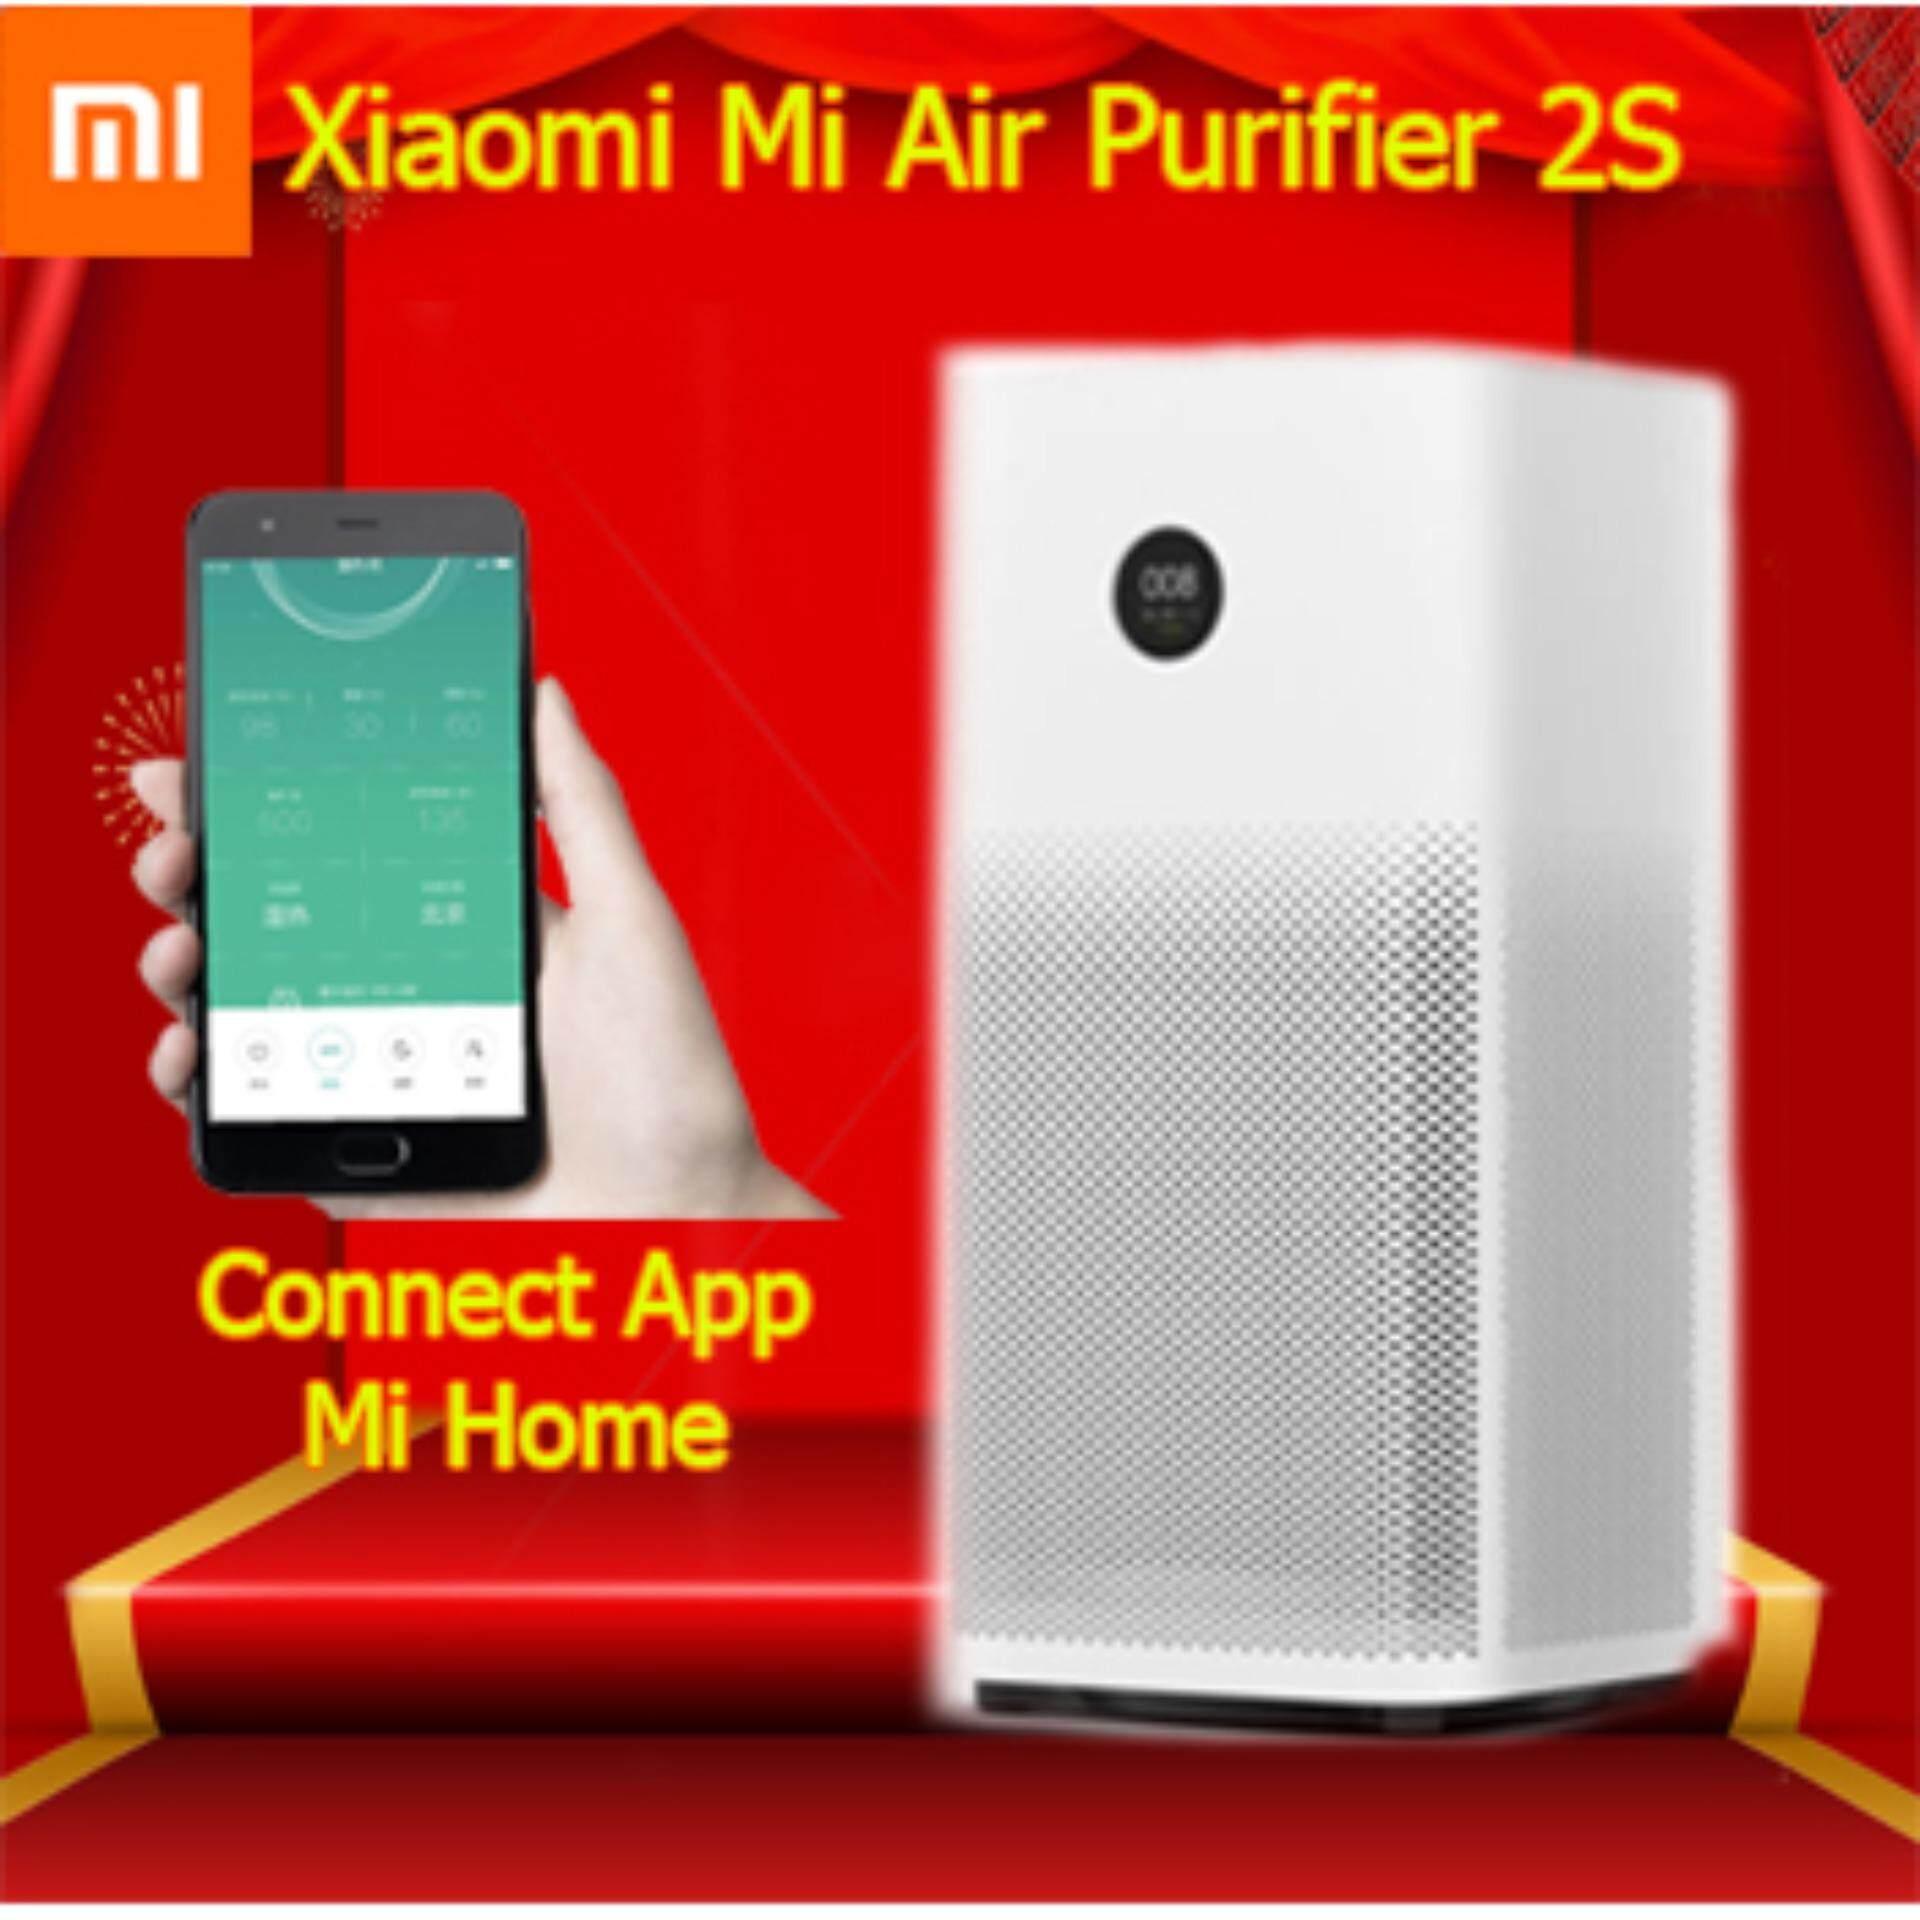 สอนใช้งาน  กาฬสินธุ์ พร้อมส่ง!! เครื่องฟอกอากาศ Xiaomi Mi Air Purifier 2S [[รับปะกัน 1 ปี]] มีคู่มือแถมให้ ใช้งานดีมาก